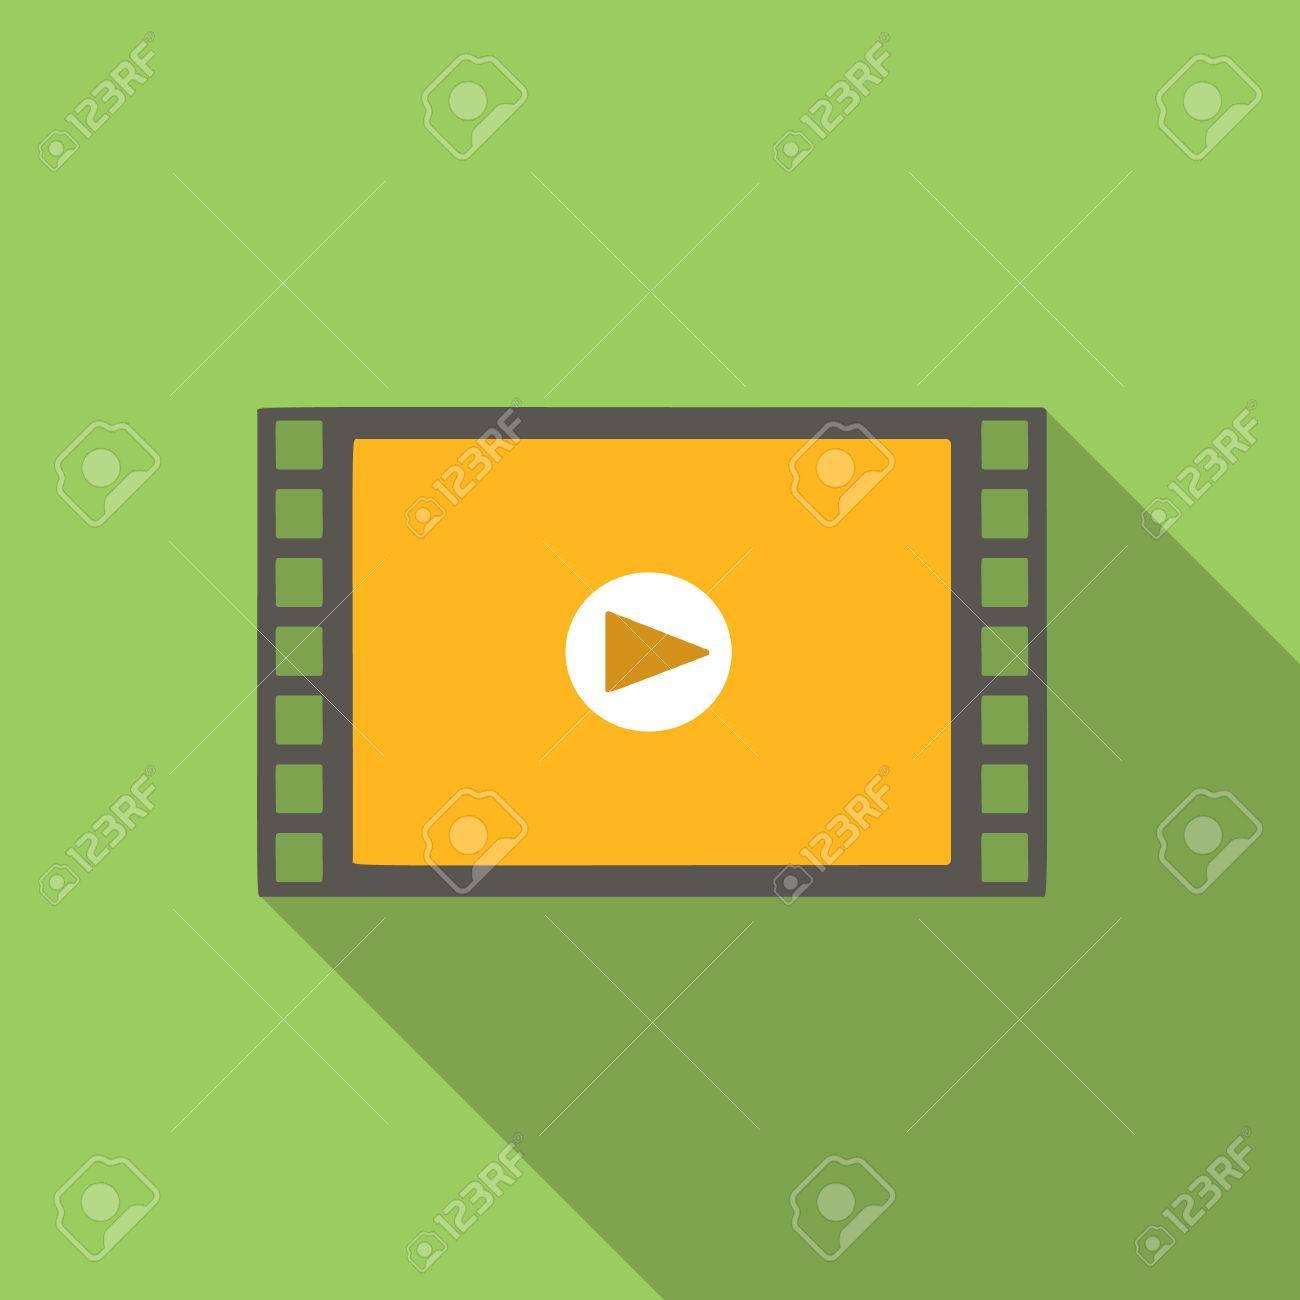 icone plat vidéo pour le web ou appareil mobile Banque d'images - 47328519